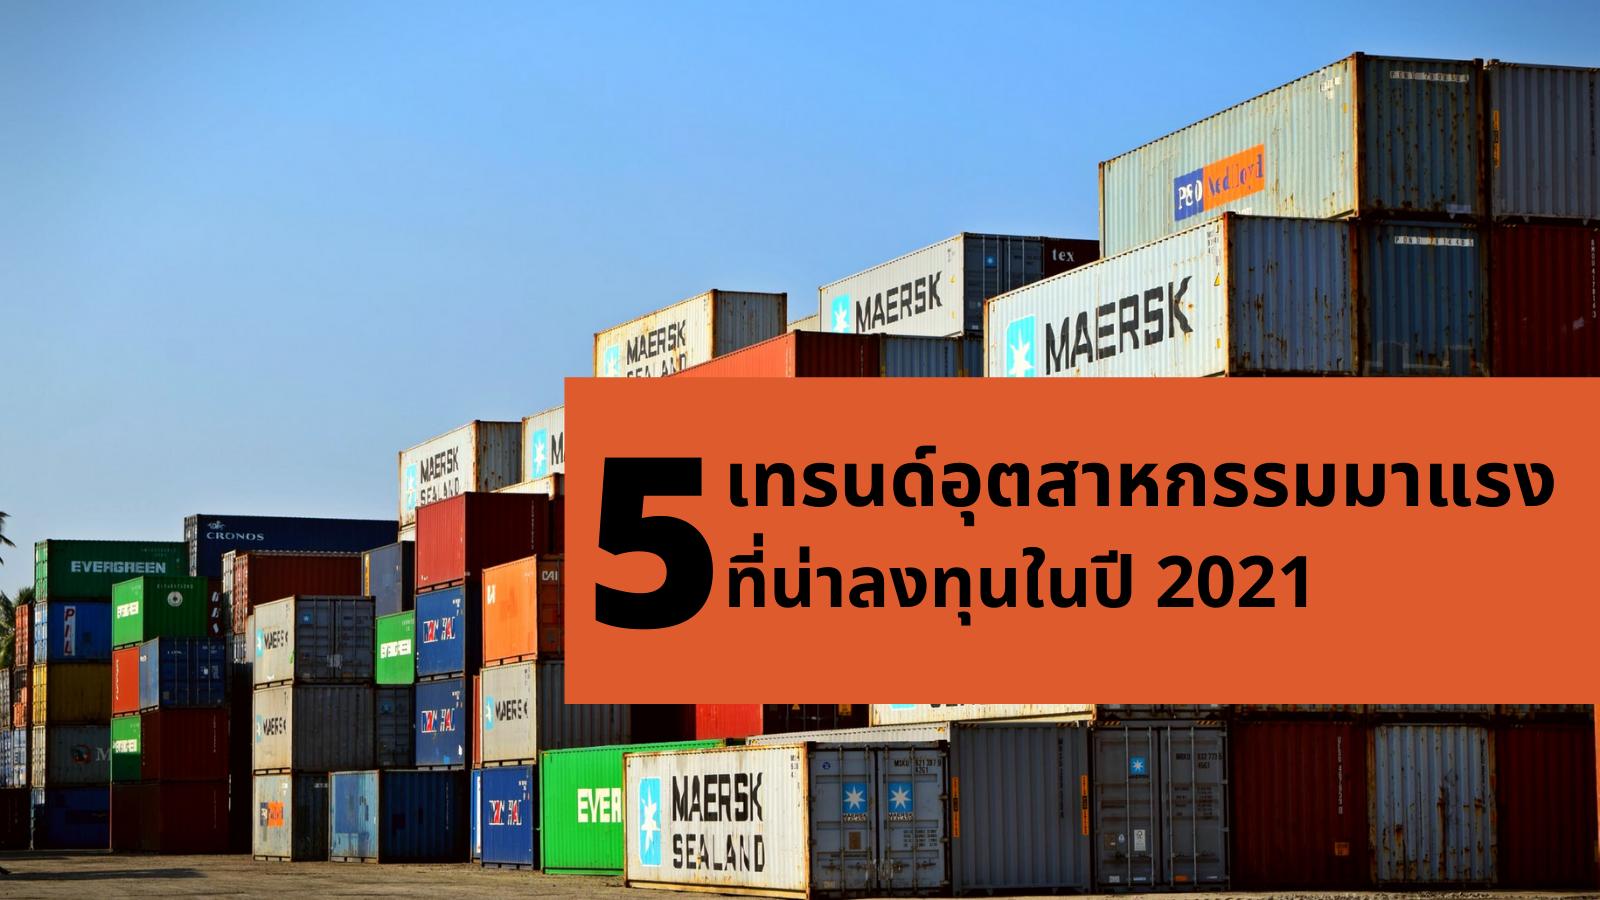 5 เทรนด์อุตสาหกรรมที่มาแรงที่น่าลงทุนในปี 2021